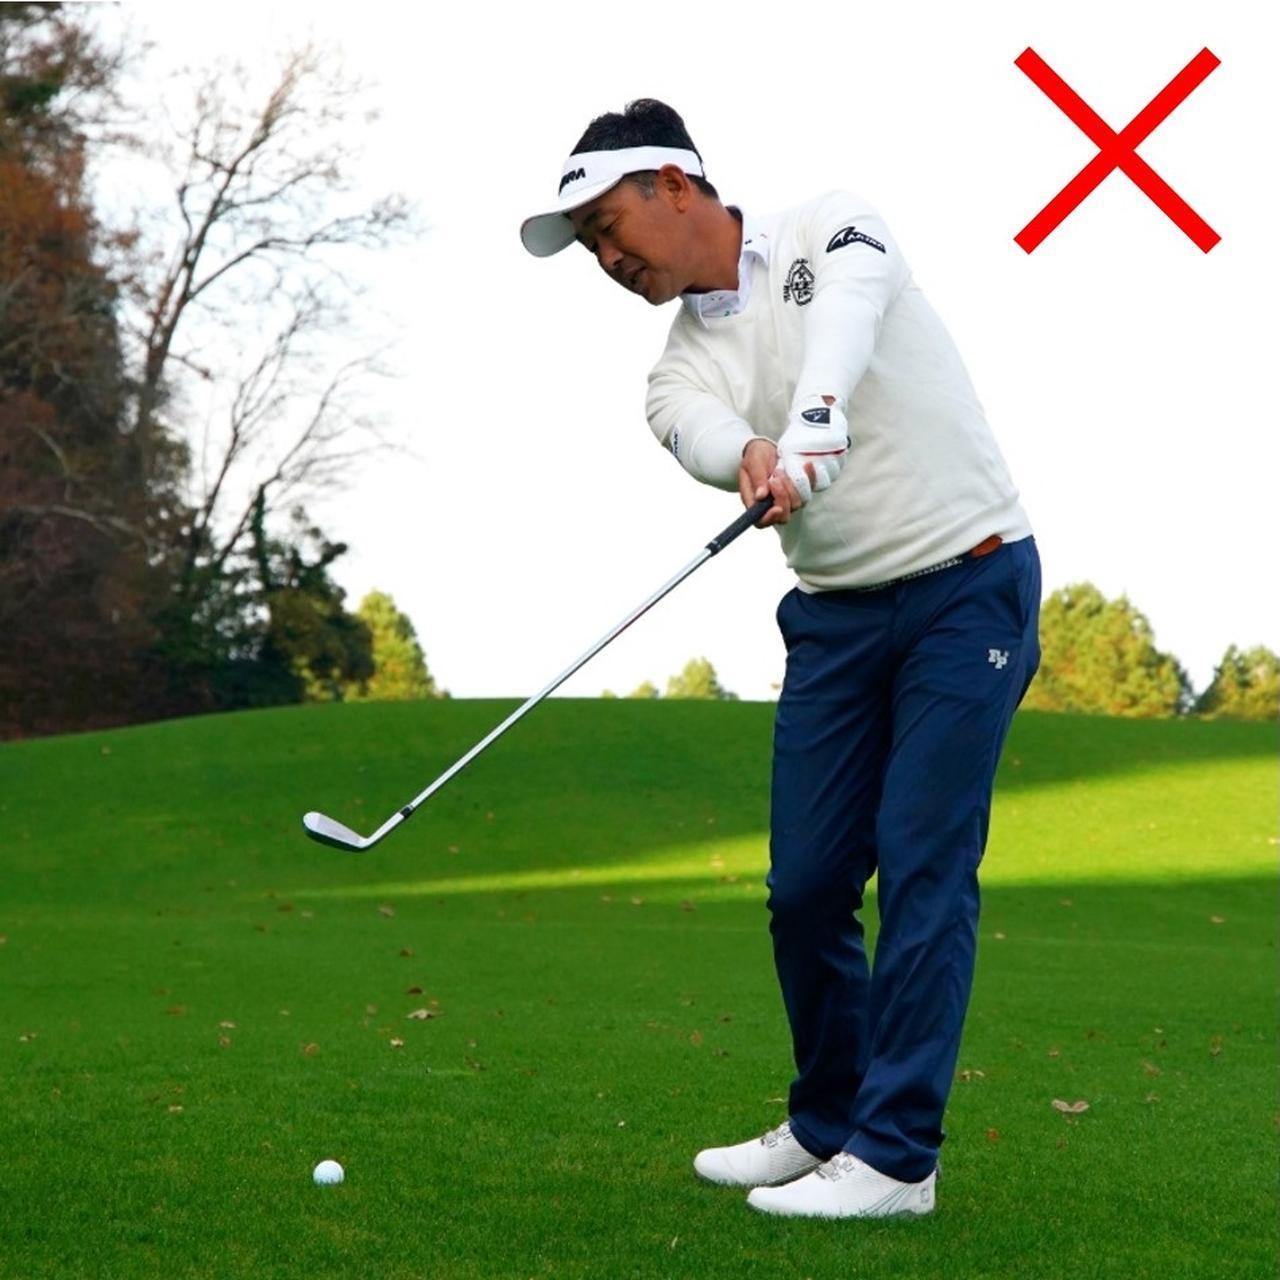 画像: 「フェース面が回転せず球がつかまらないので、方向どころか距離だって安定しません」